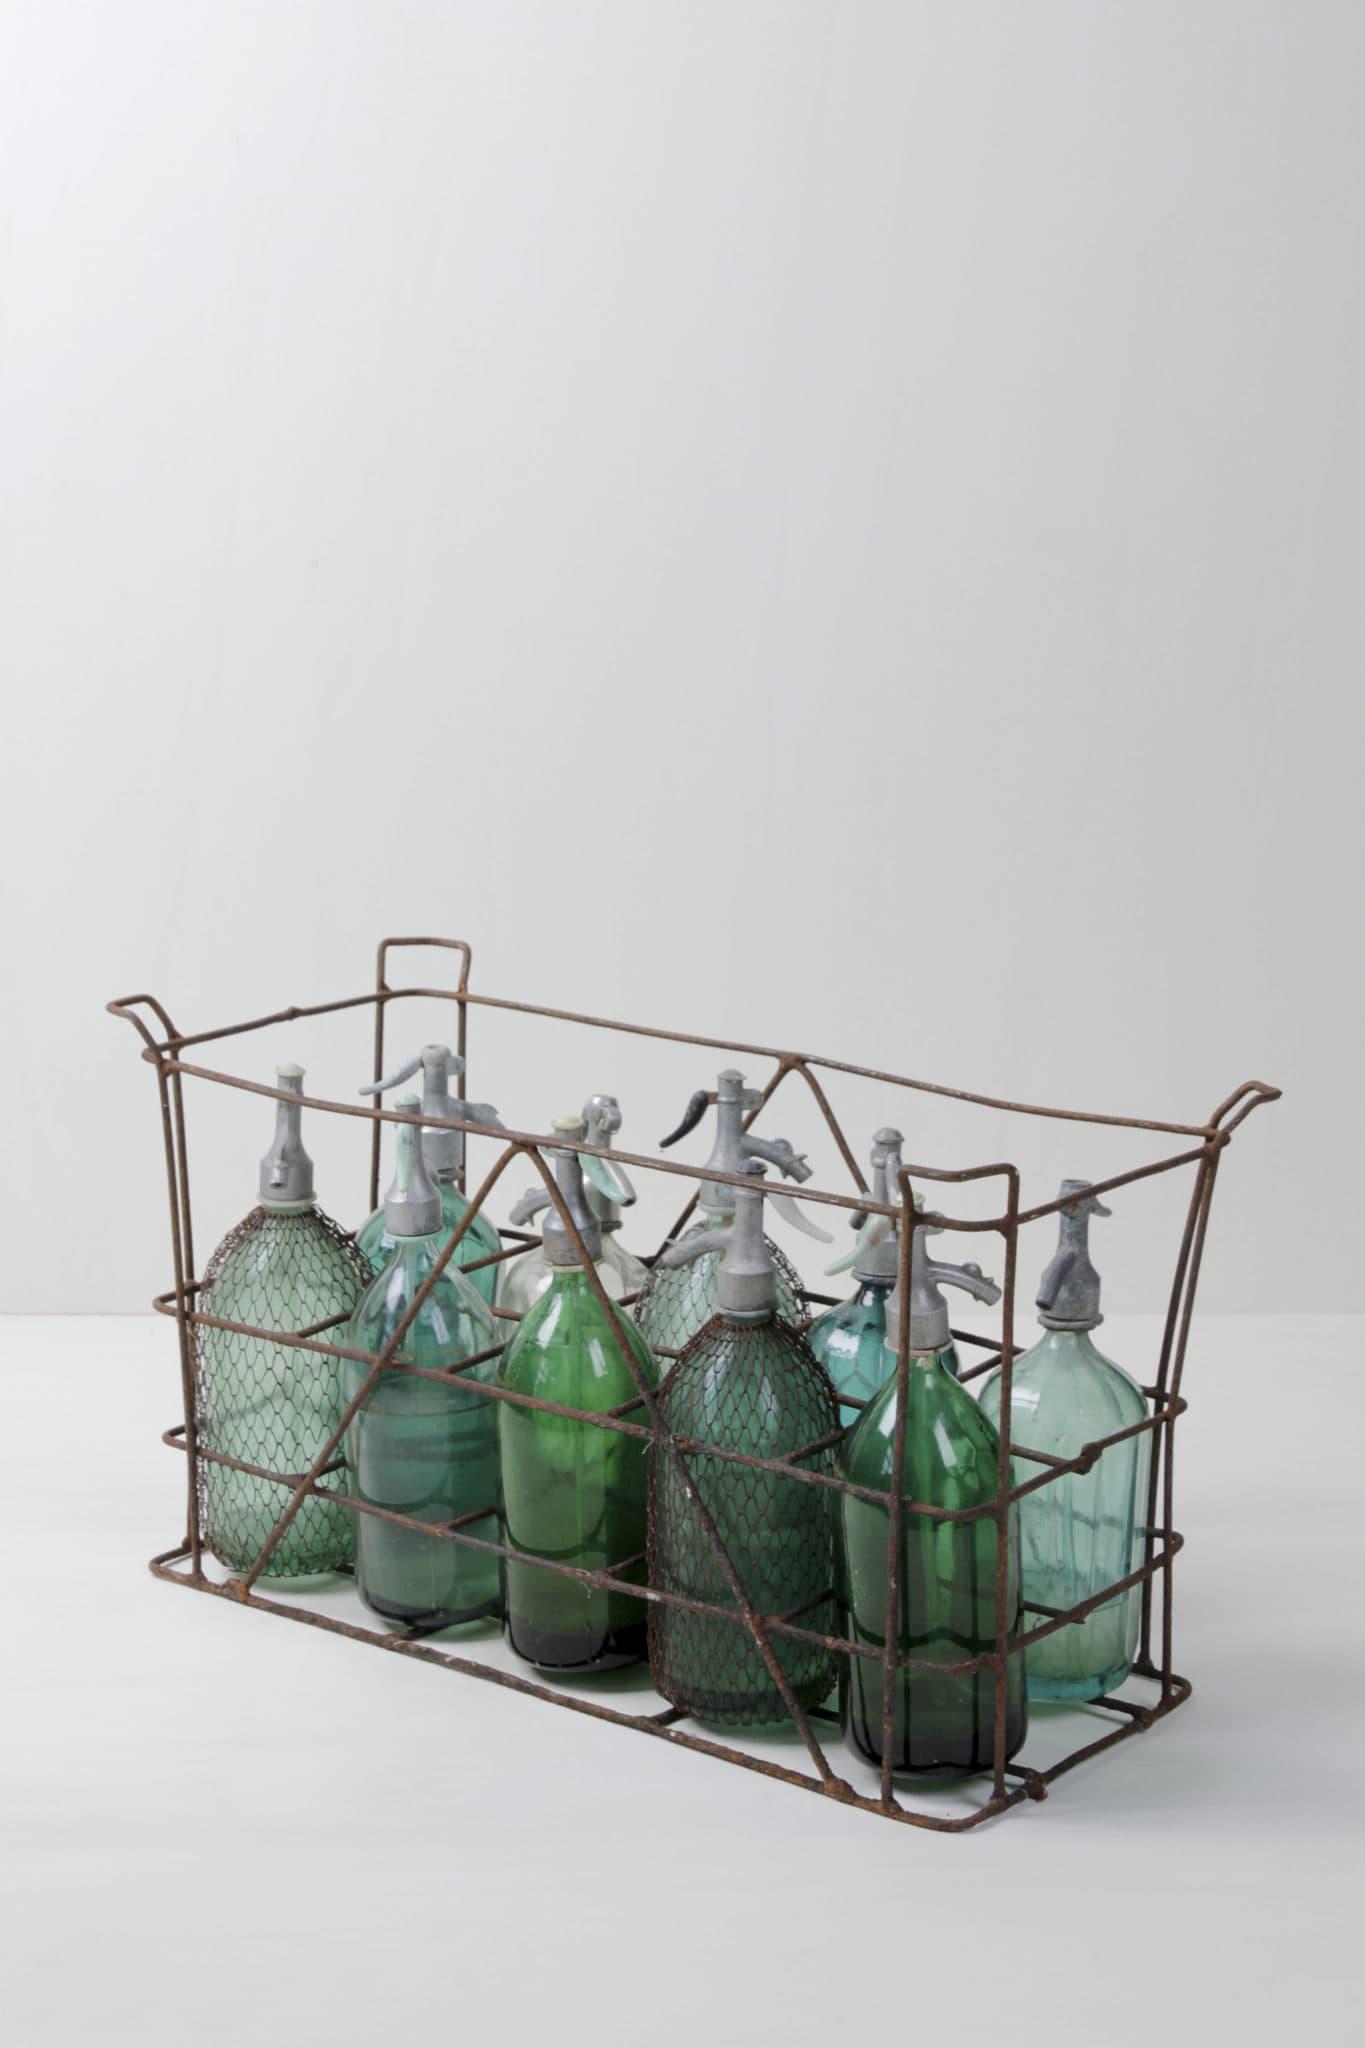 Metallkiste, vintage Sodaflaschen, mieten, Berlin, Hamburg, Köln